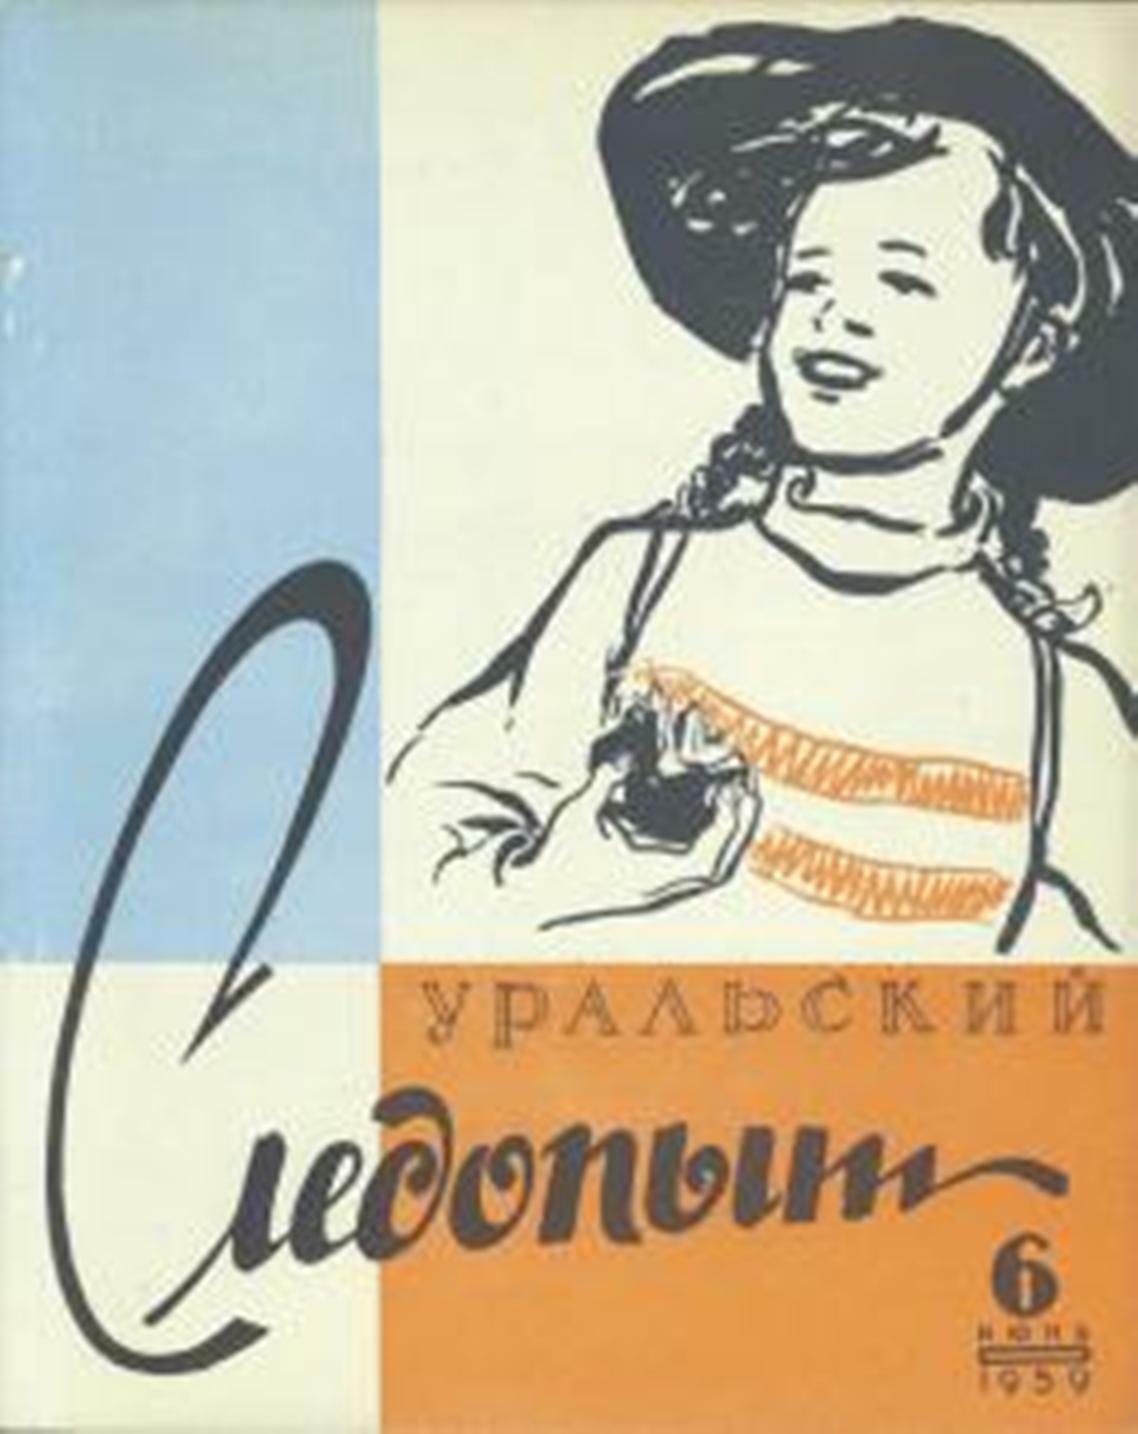 Уральский следопыт № 06/1959